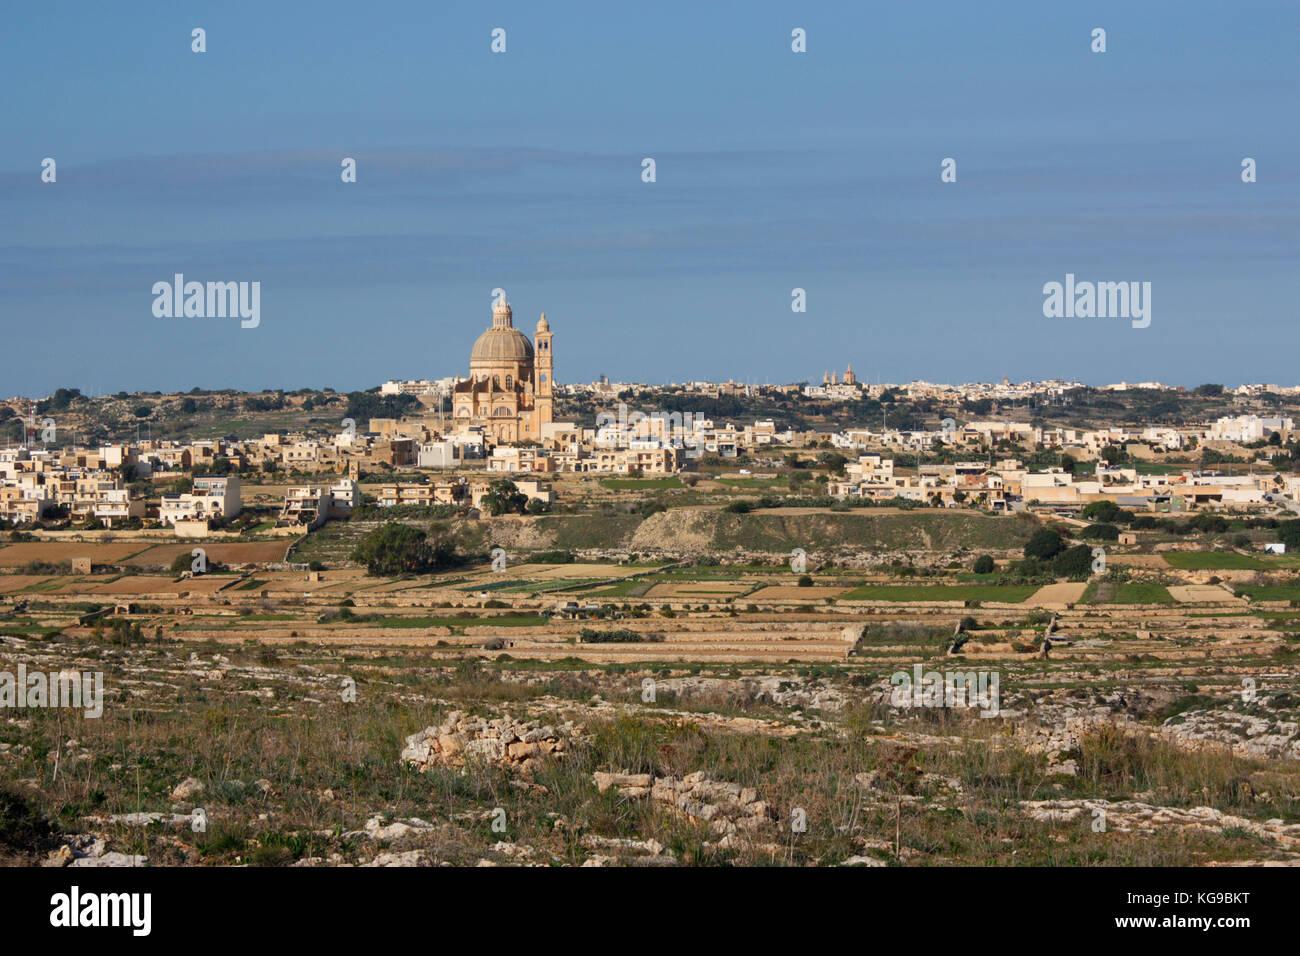 A Gozo, Malta. Il villaggio di Xewkija dominata dalla sua chiesa. Paesaggio di Gozo. Immagini Stock